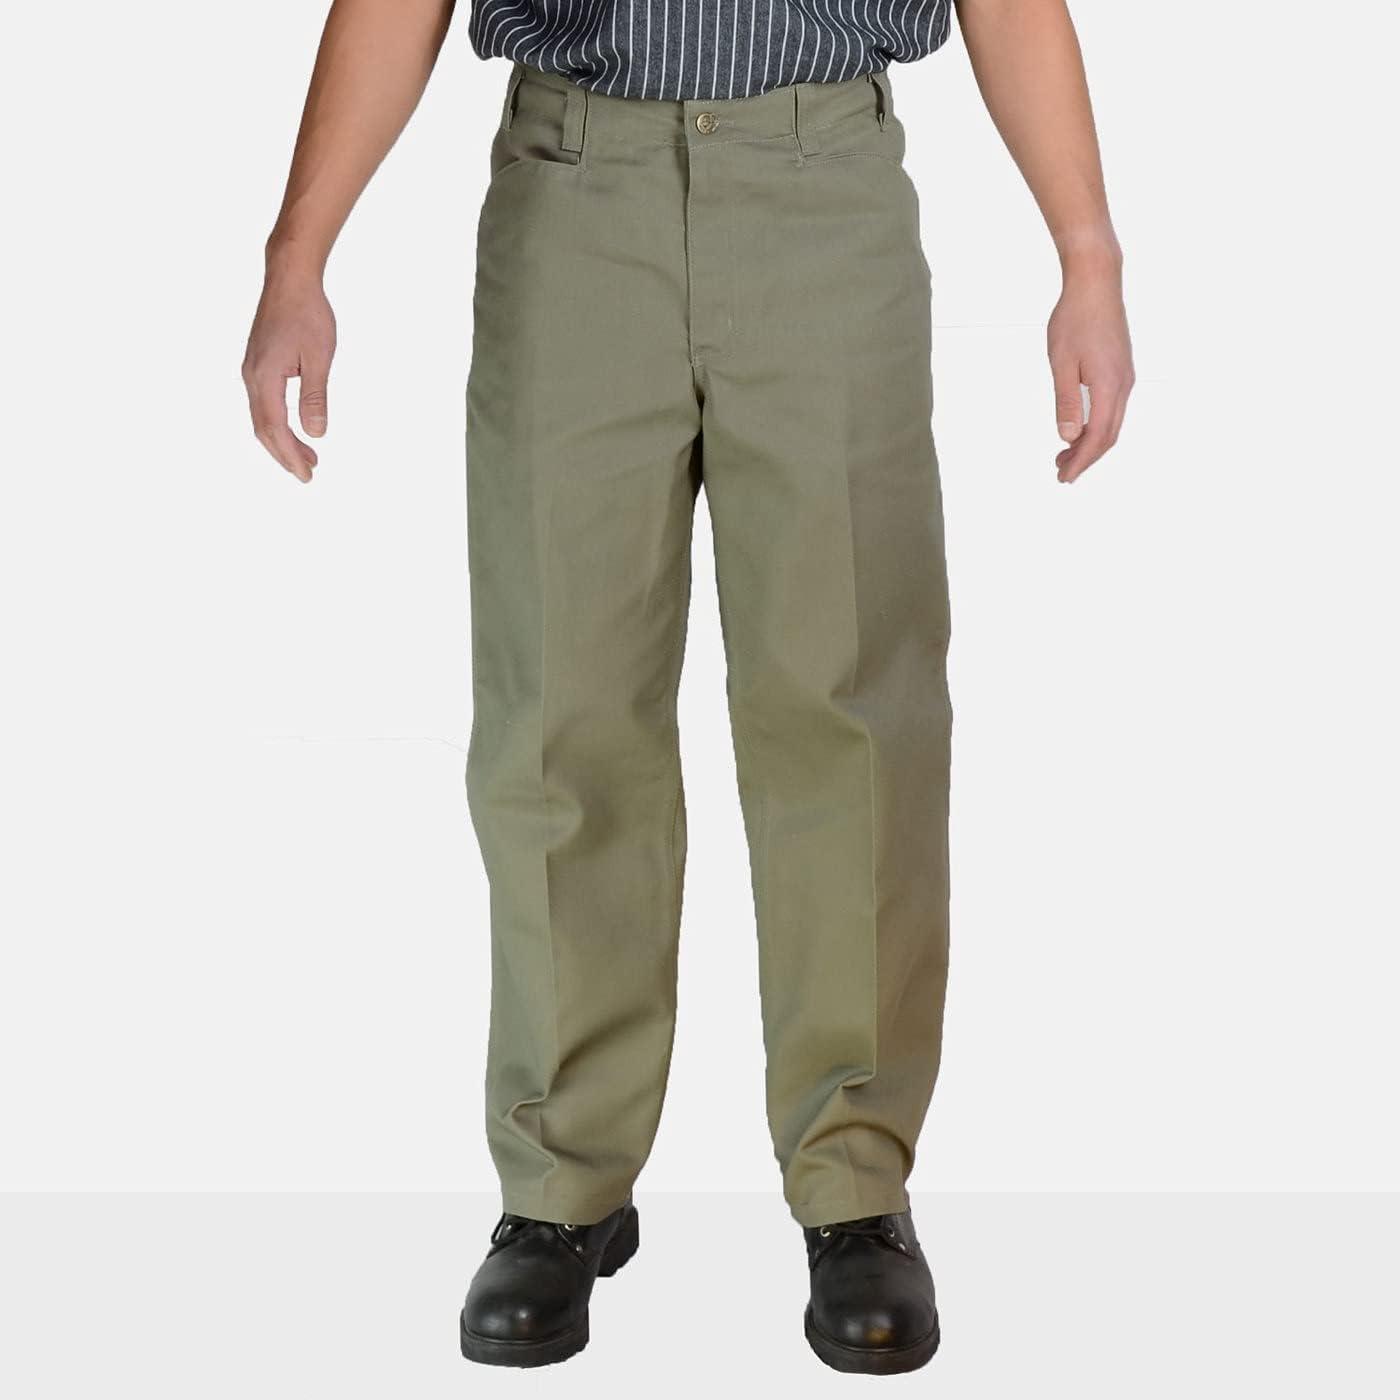 Ben Davis Moss Original Ben's Cotton Twill Pants…52x32 5 Mail order ☆ very popular